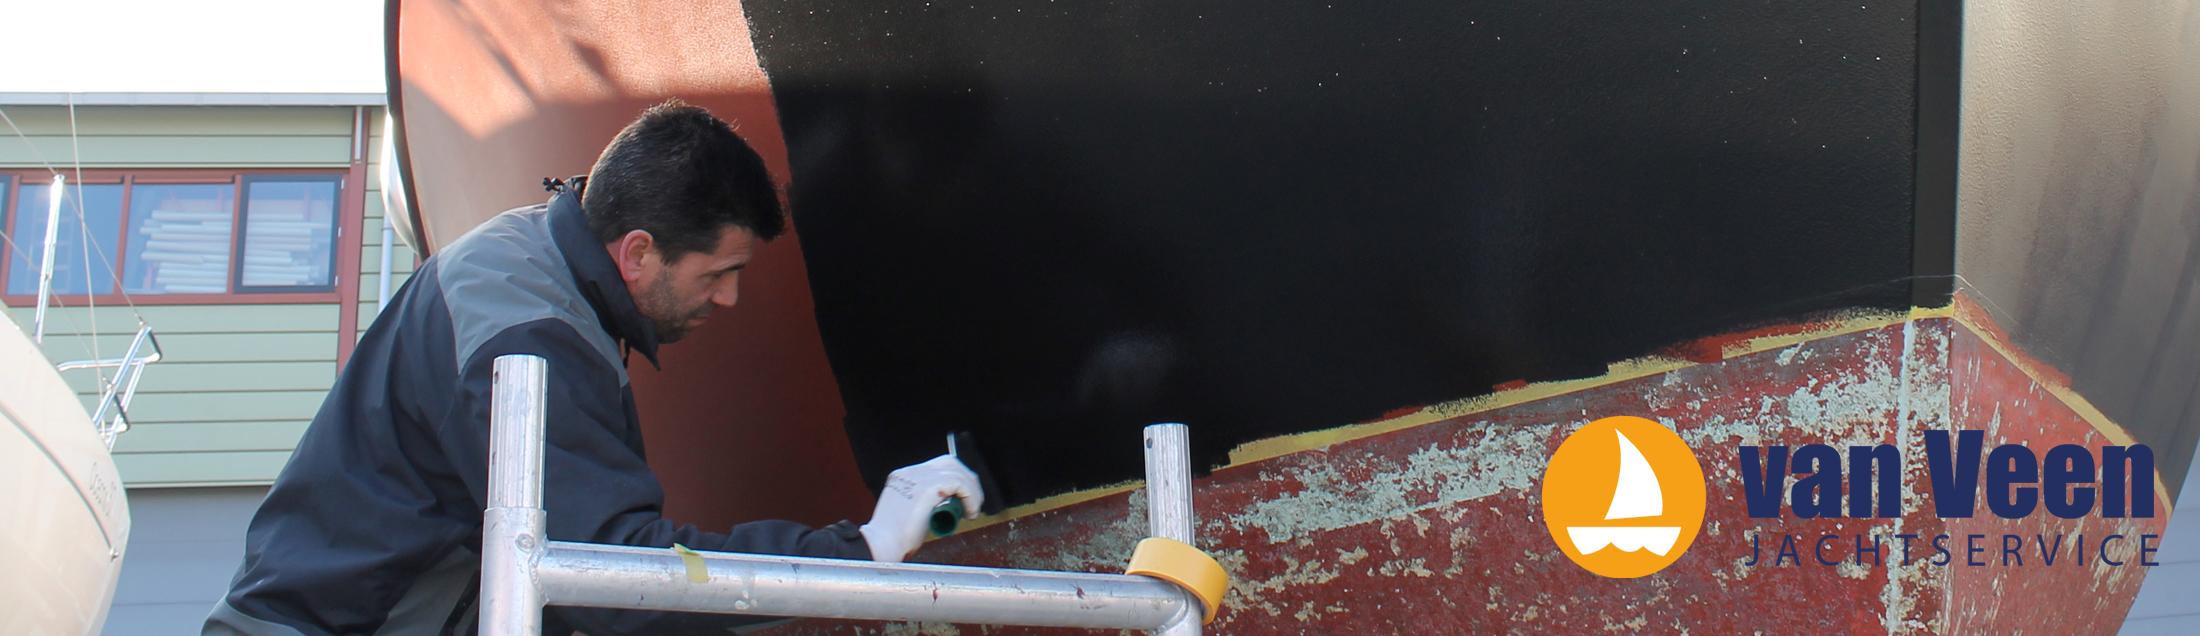 jacht haven service van veen in scheveningen